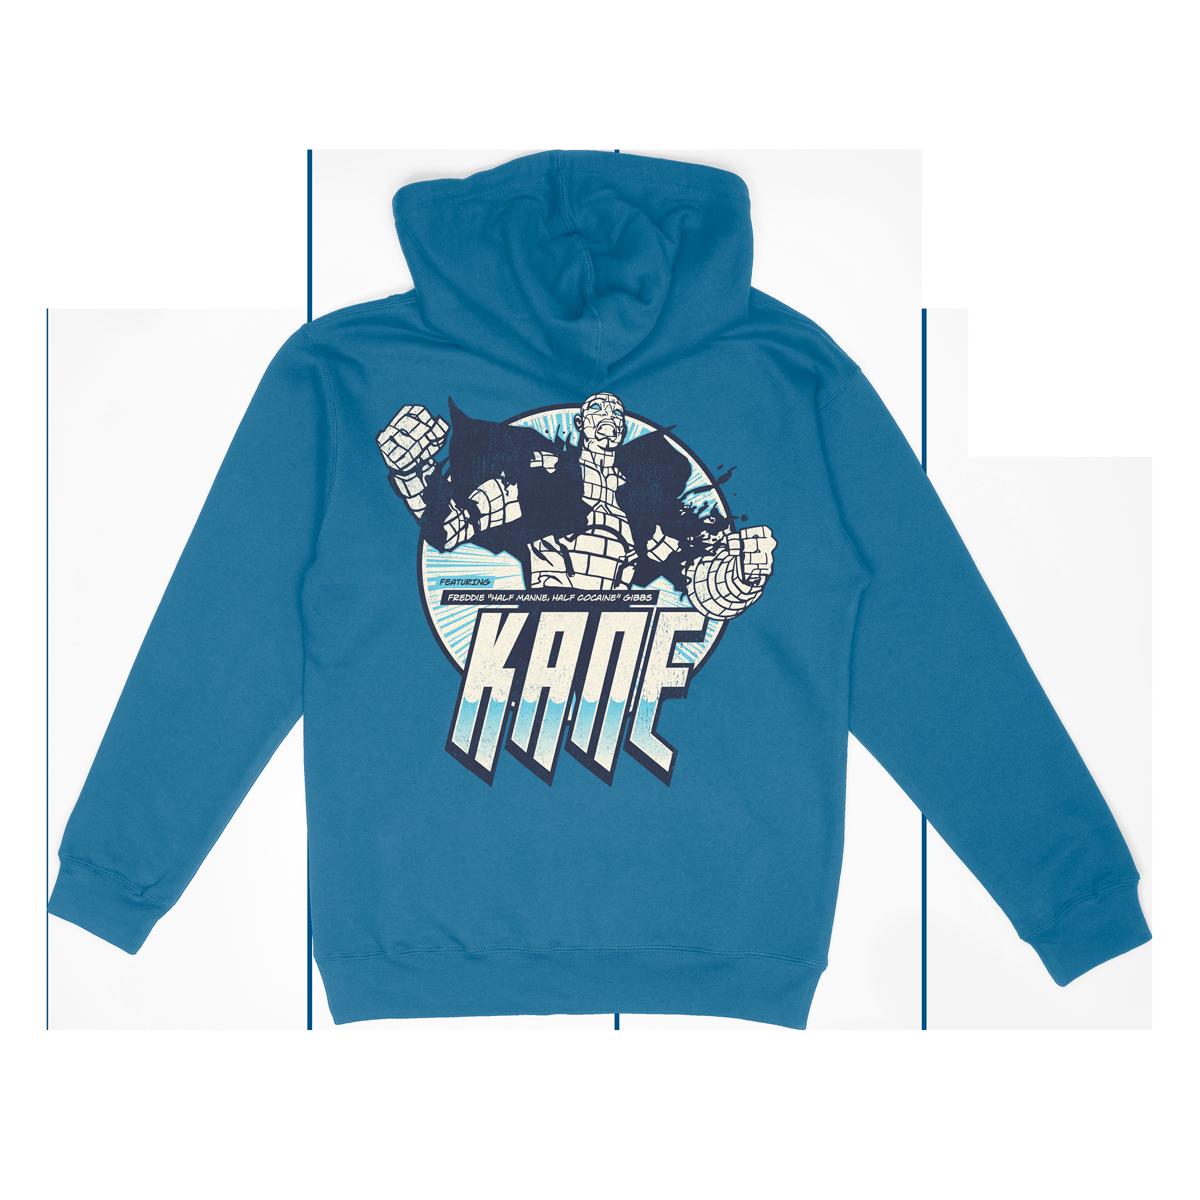 Half Manne Hoodie - Sapphire